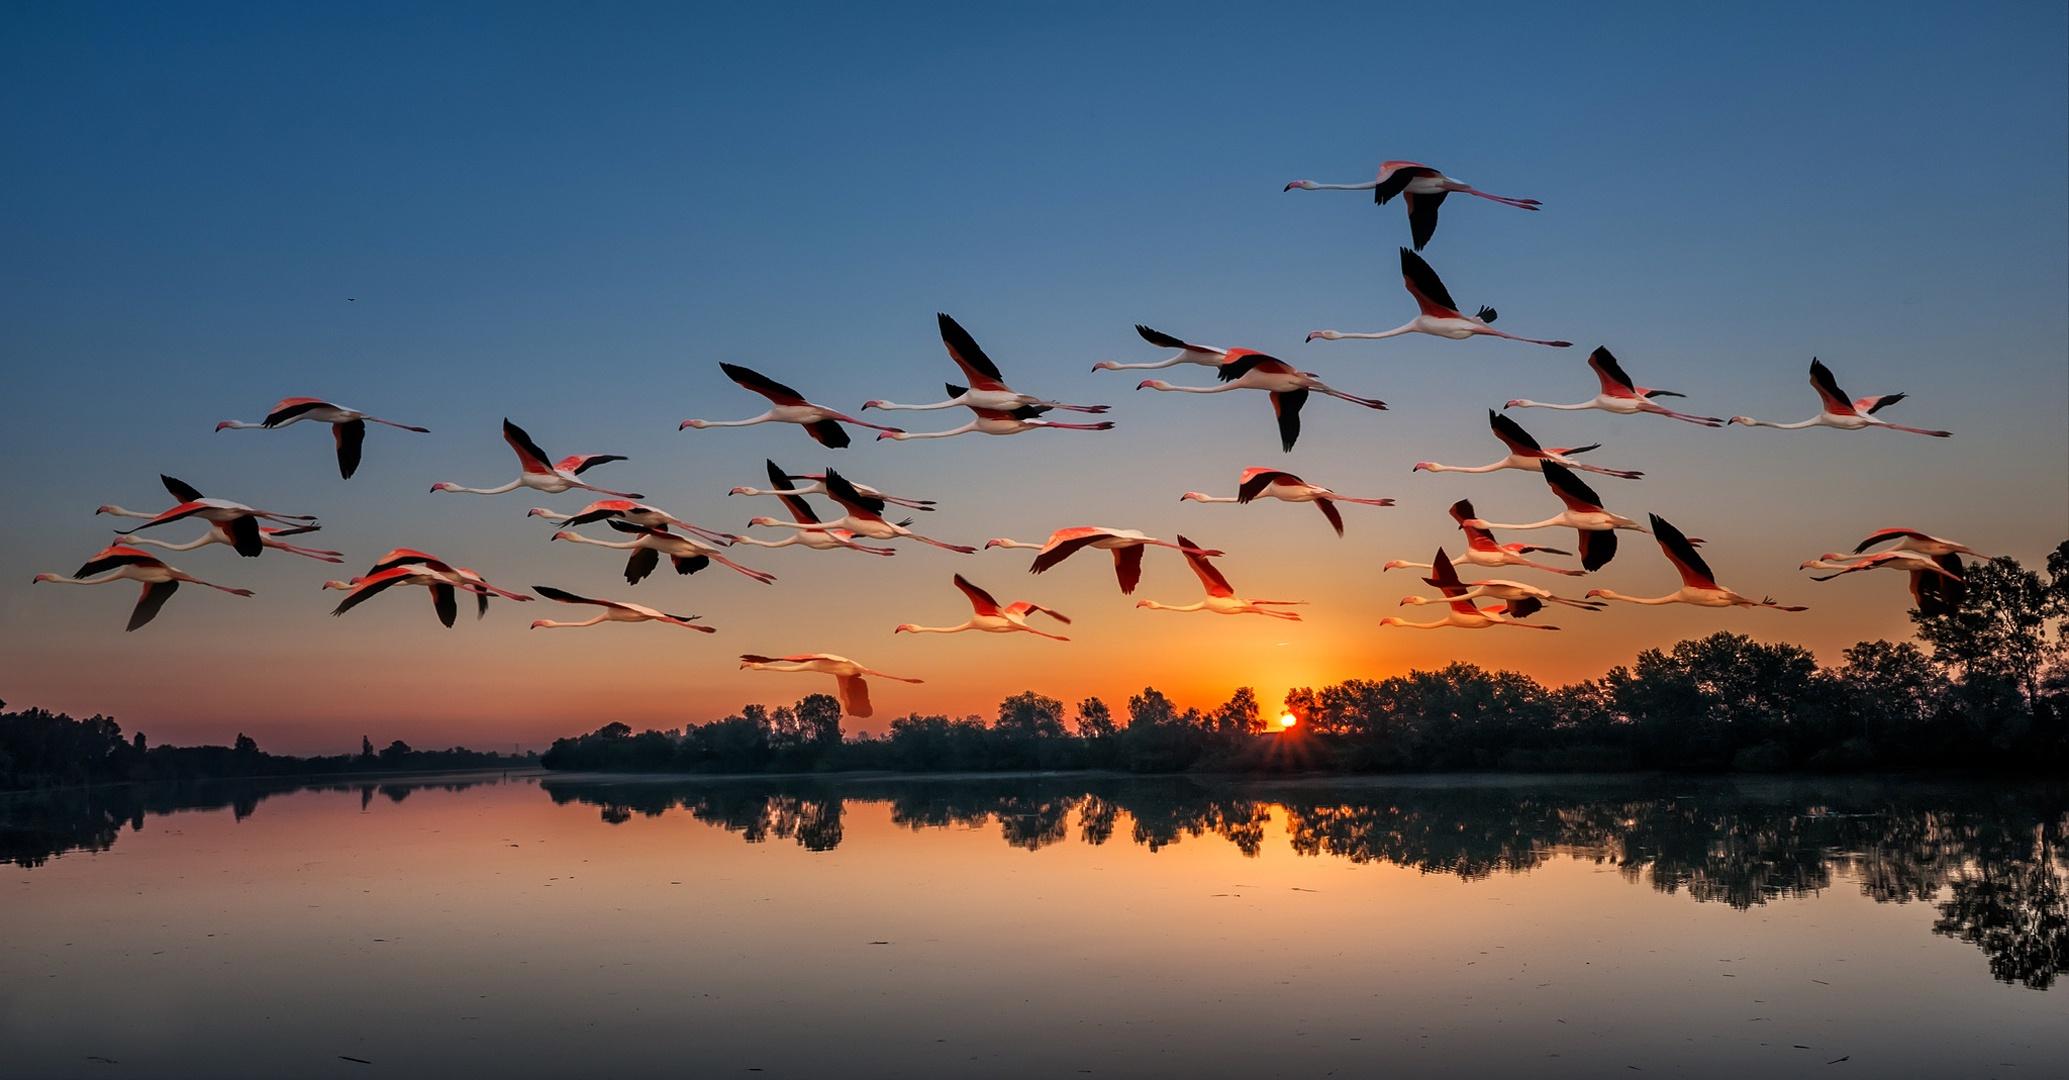 древних красота полета птицы фото является прекрасным